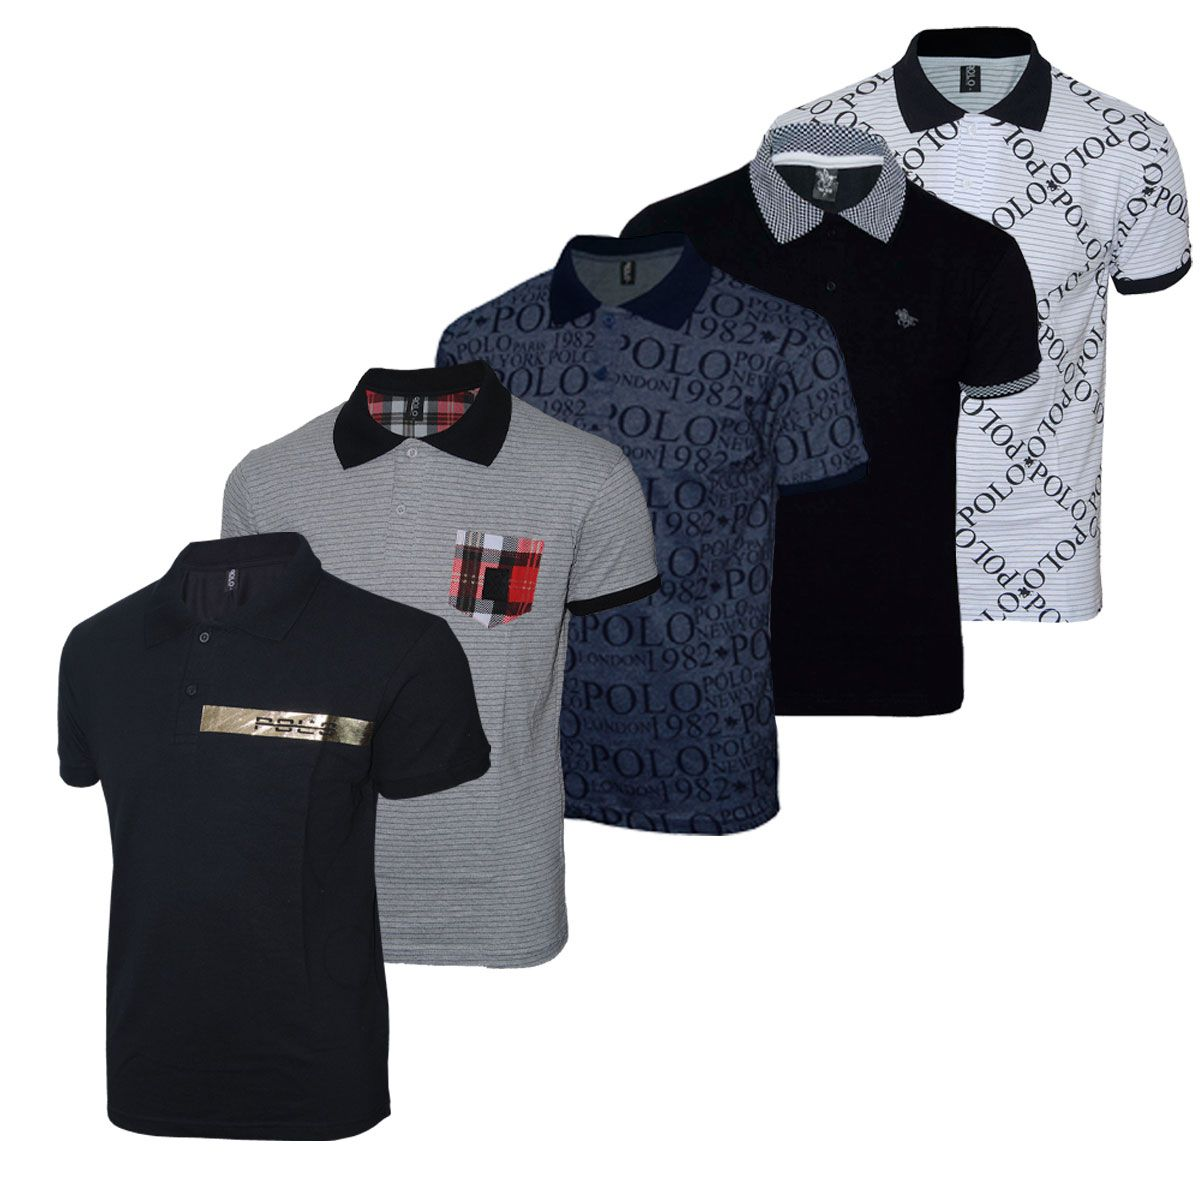 Kit Camisetas Polo Rg518 Sortidas